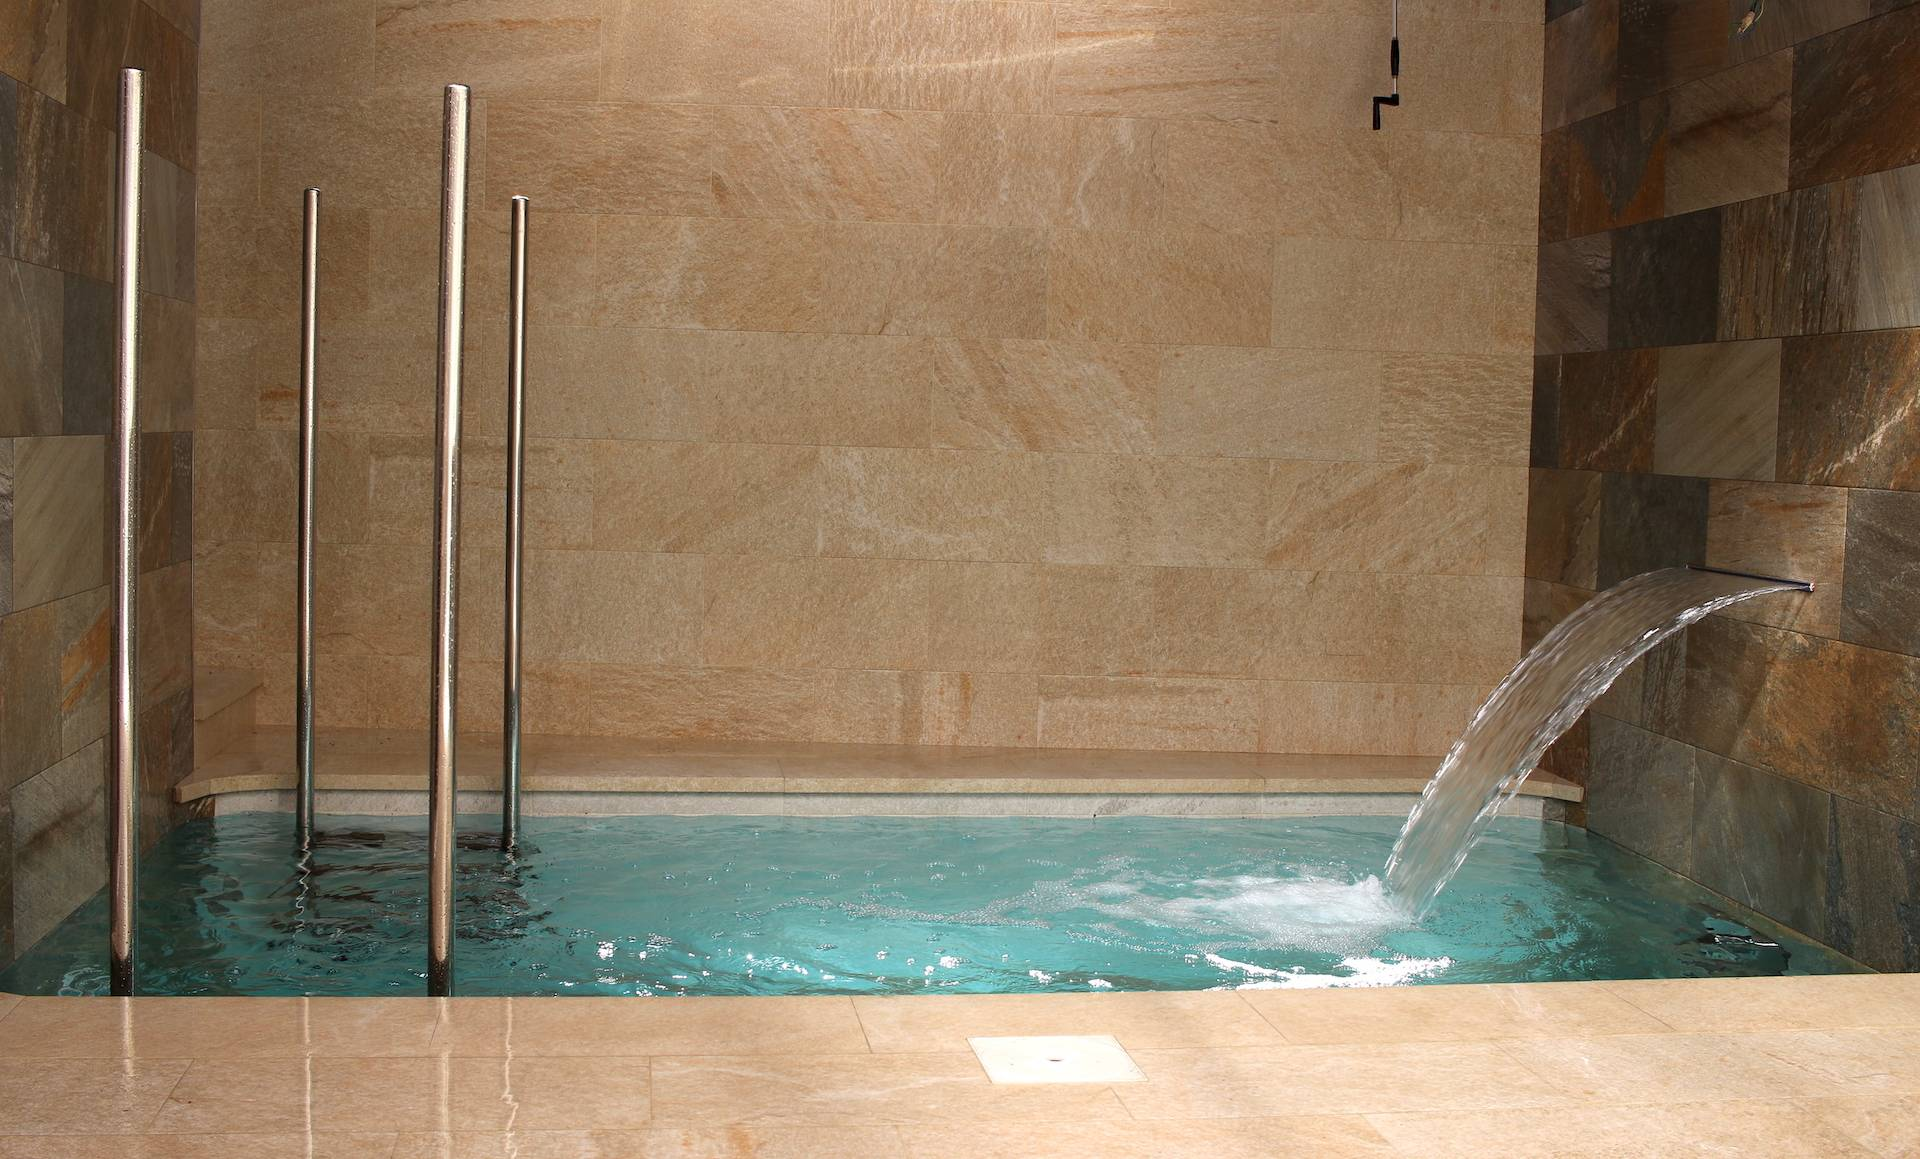 Construcción de pequeña piscina porcelánica salina, con cascada y equipo de natación contracorriente.